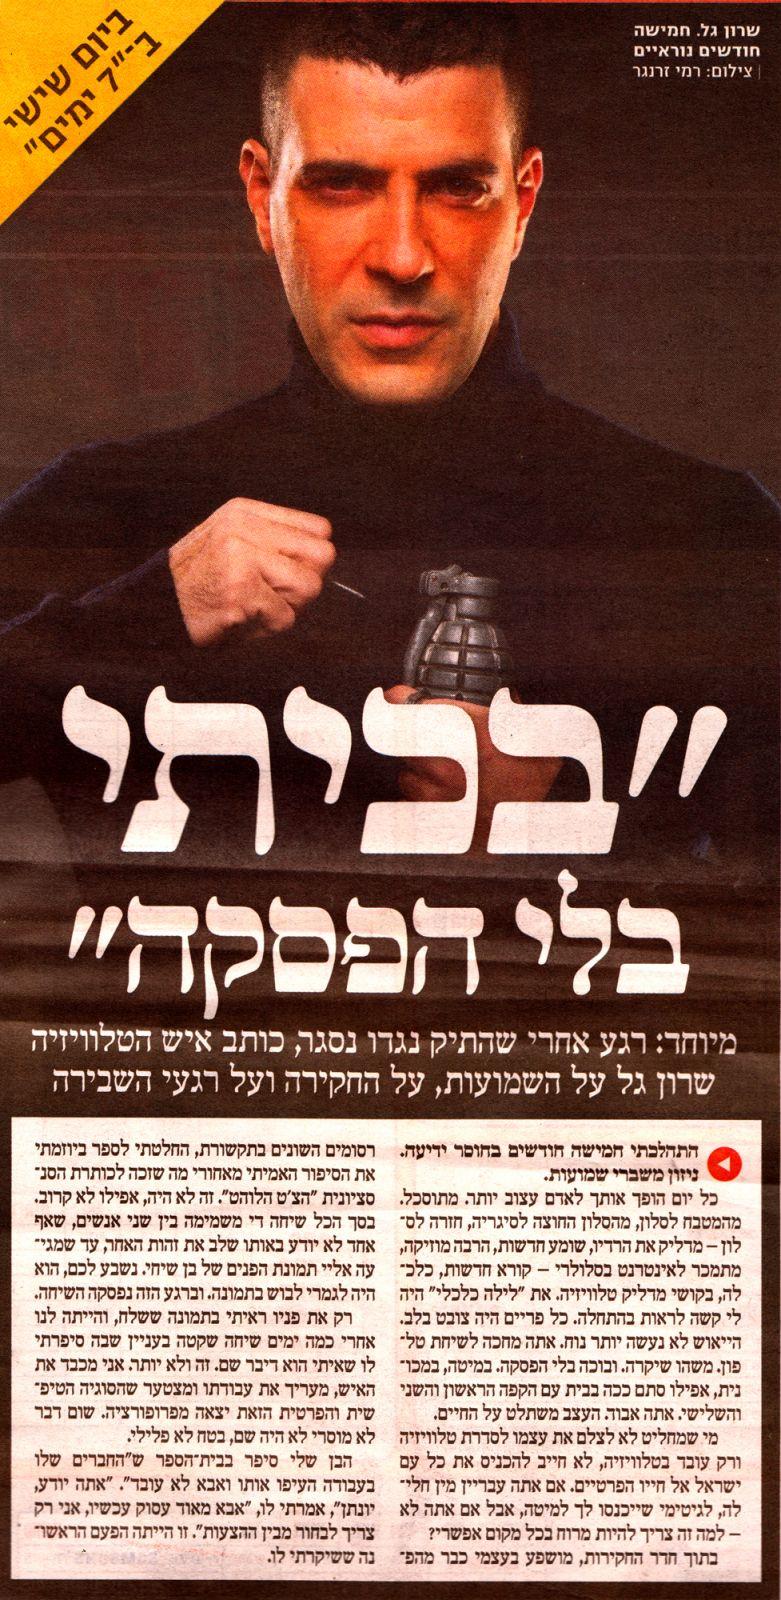 """ידיעת הפרומו, """"ידיעות אחרונות"""", שער אחורי, 21.11.13"""